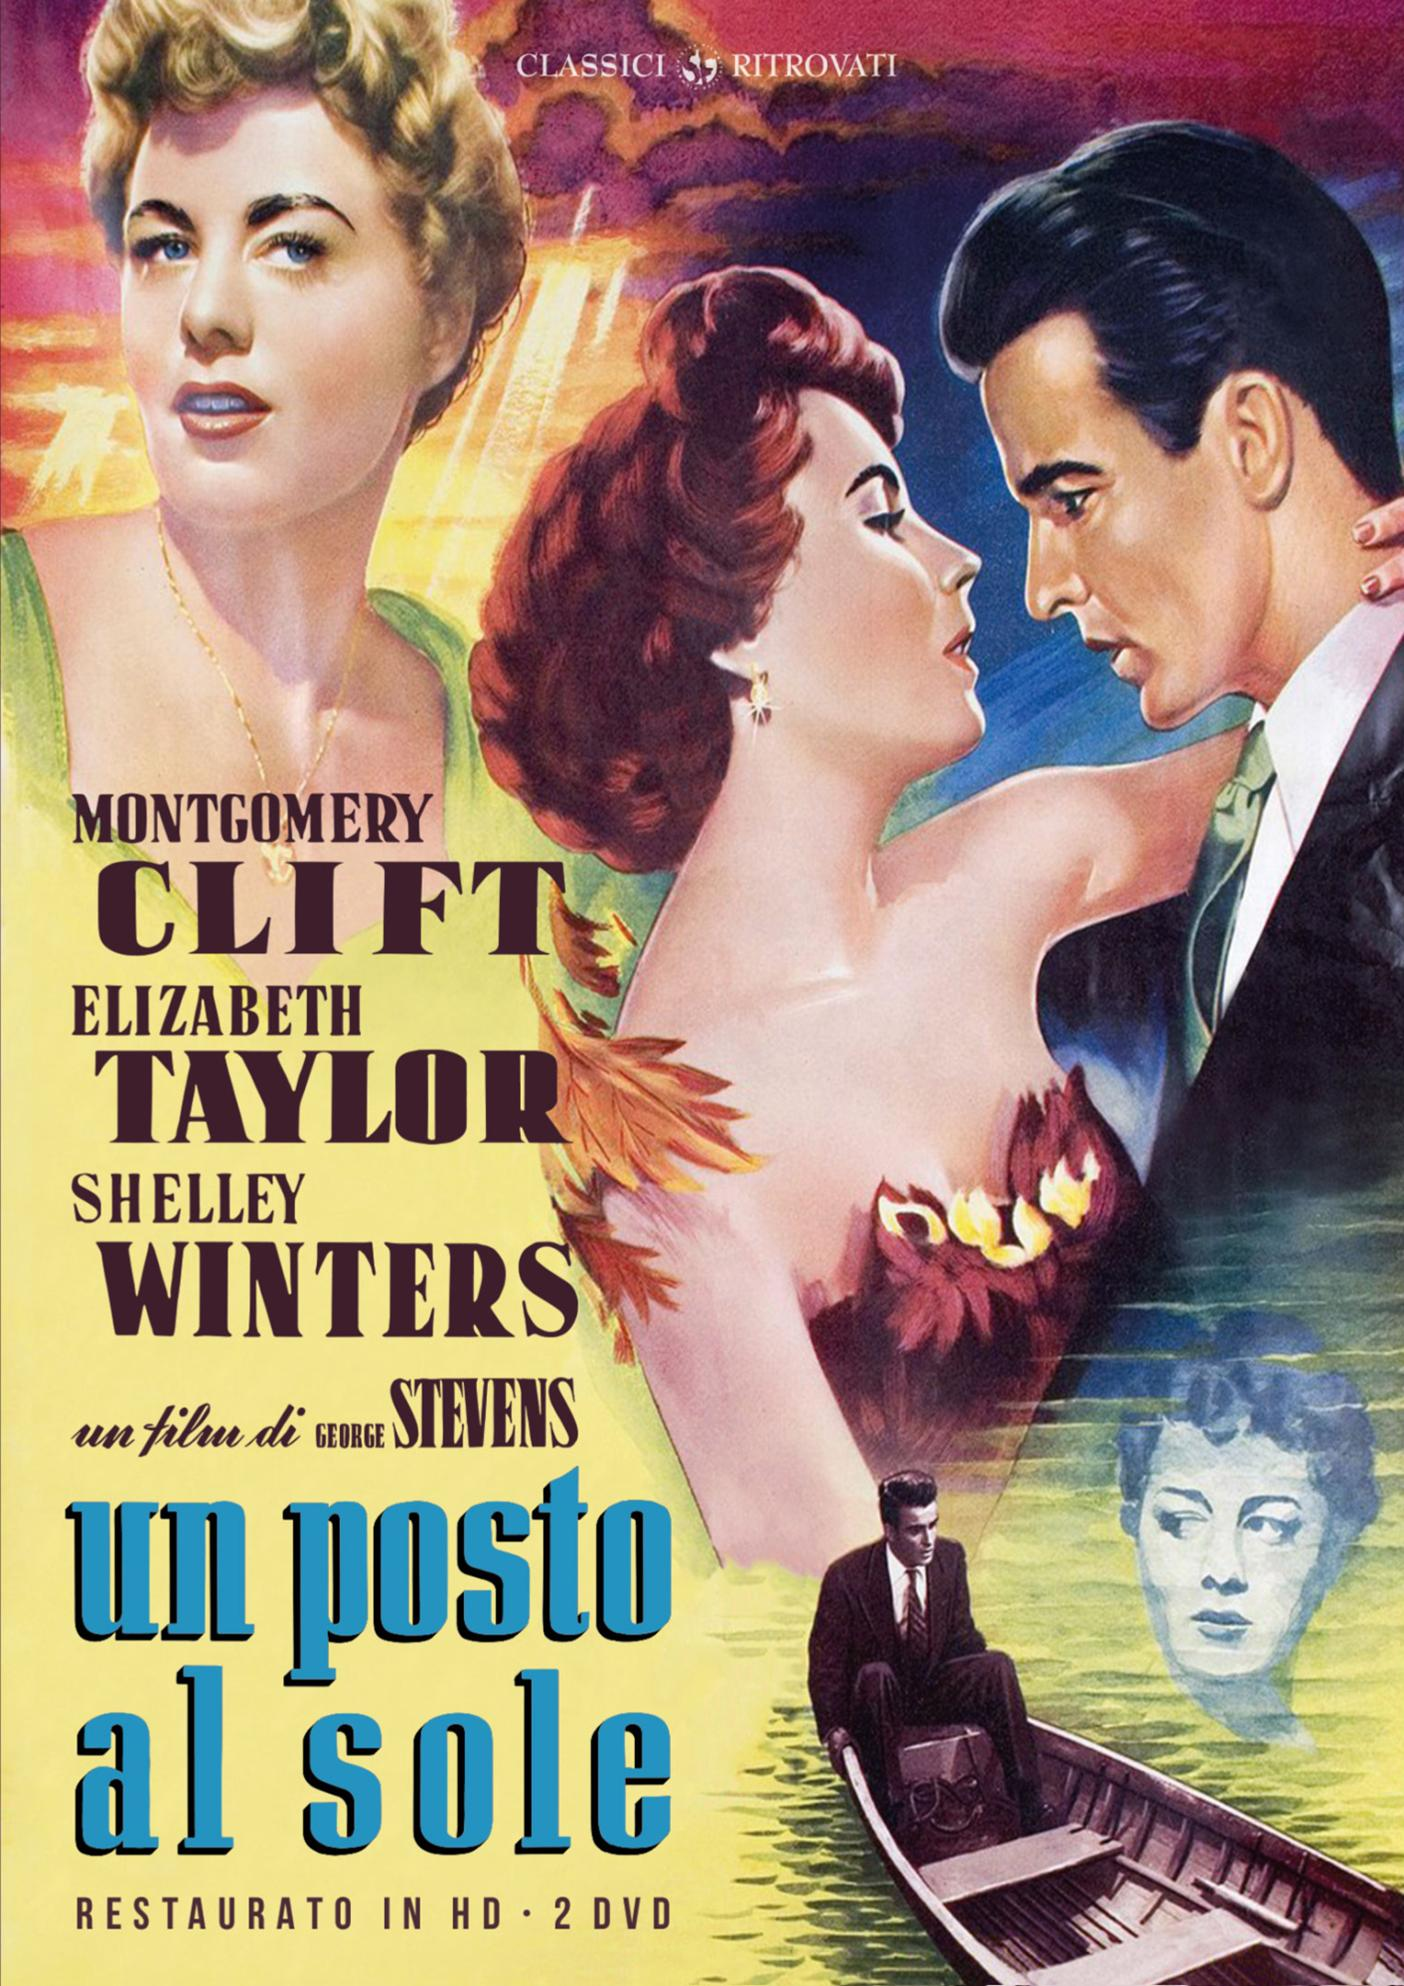 UN POSTO AL SOLE (RESTAURATO IN HD) (2 DVD) (DVD)